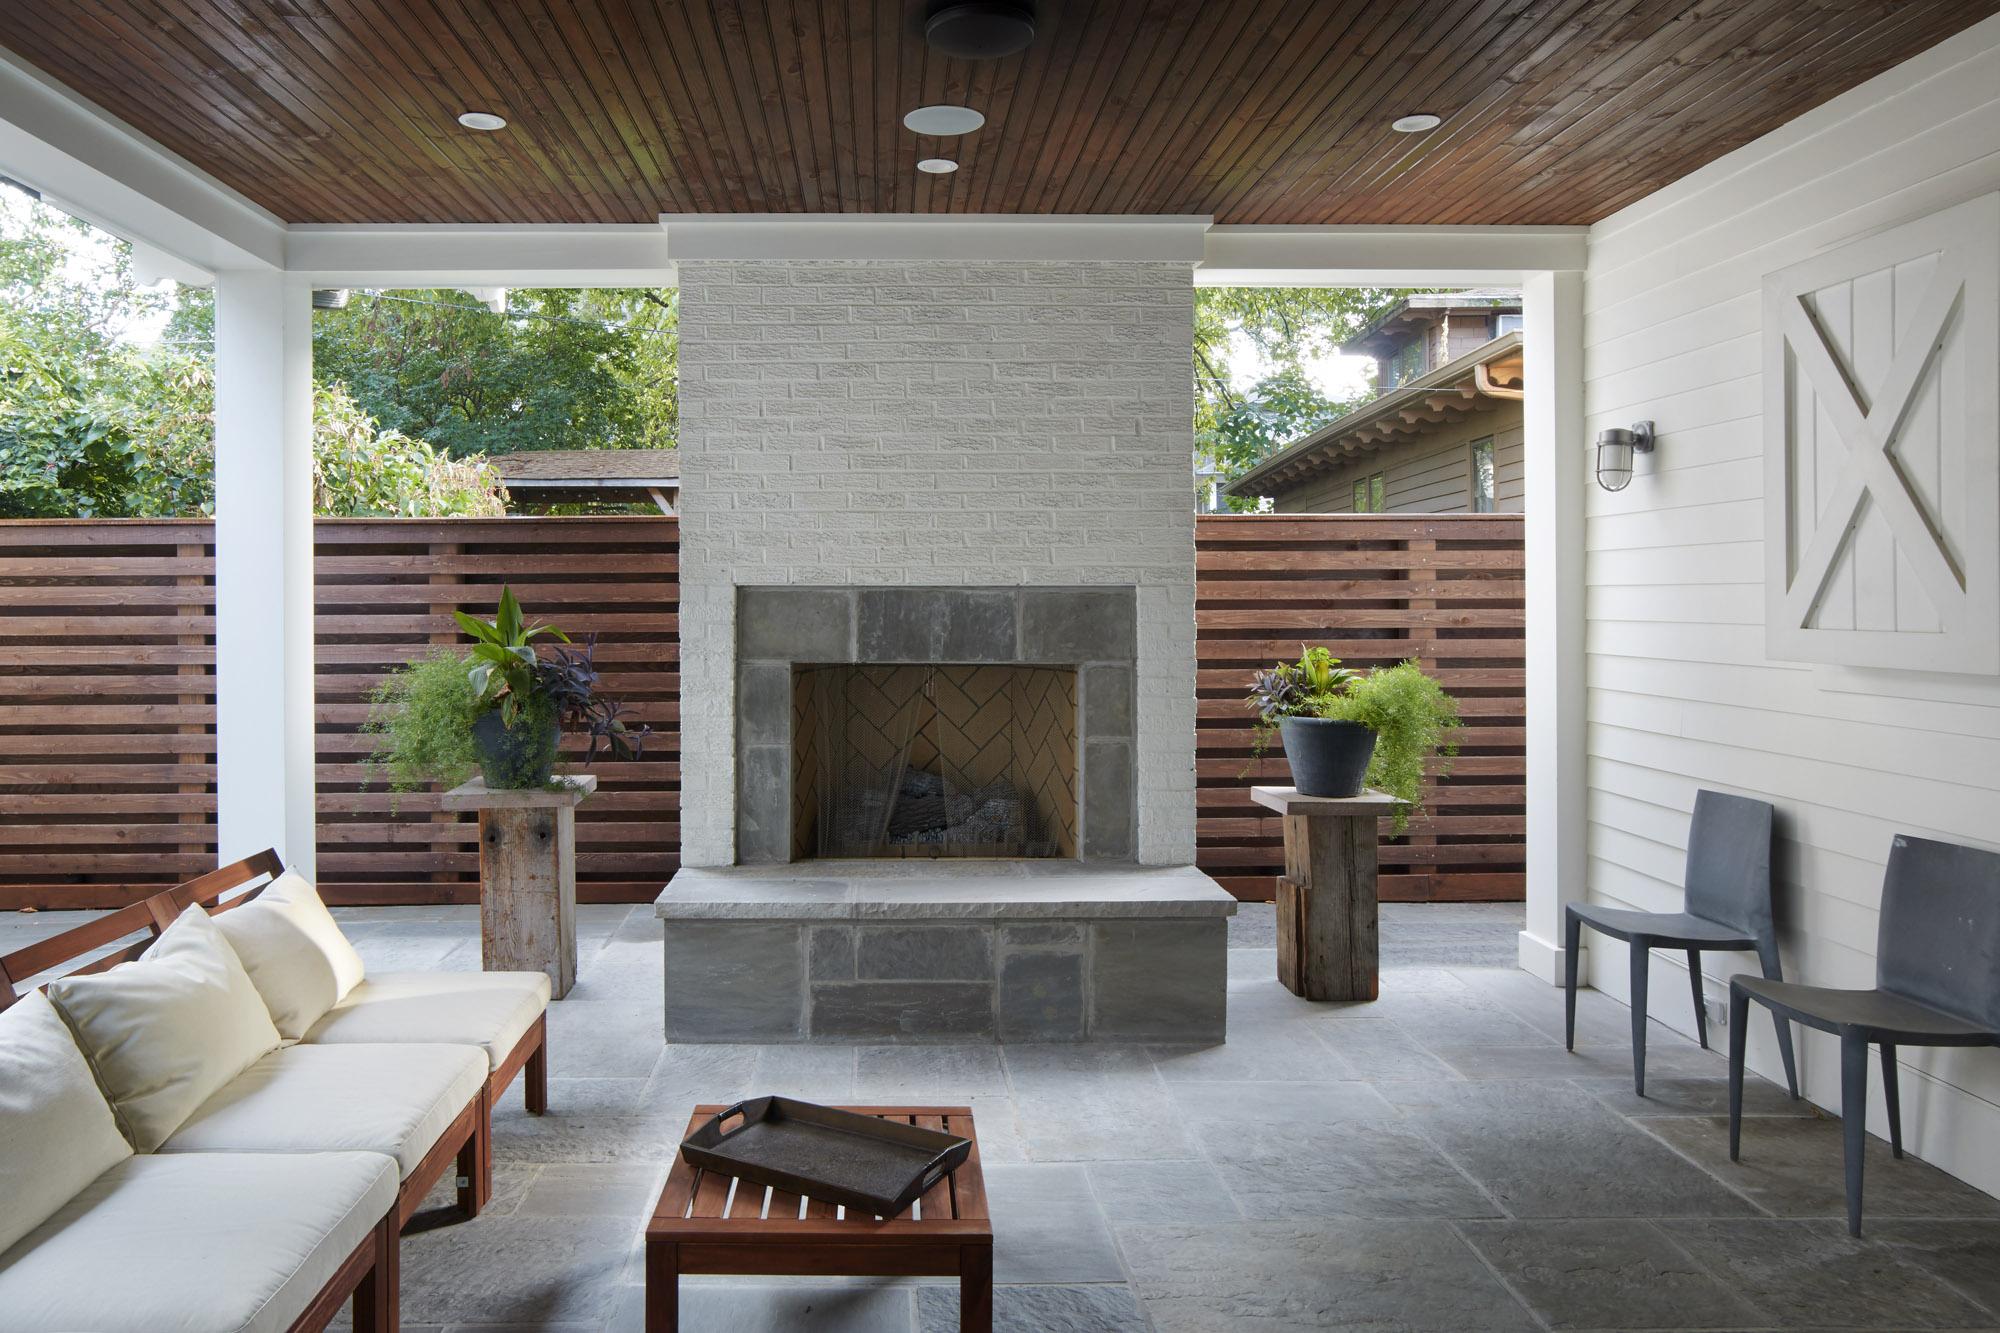 Fielder Williams Strain fiwist Nashville Architecture Photographer patio 001.jpg